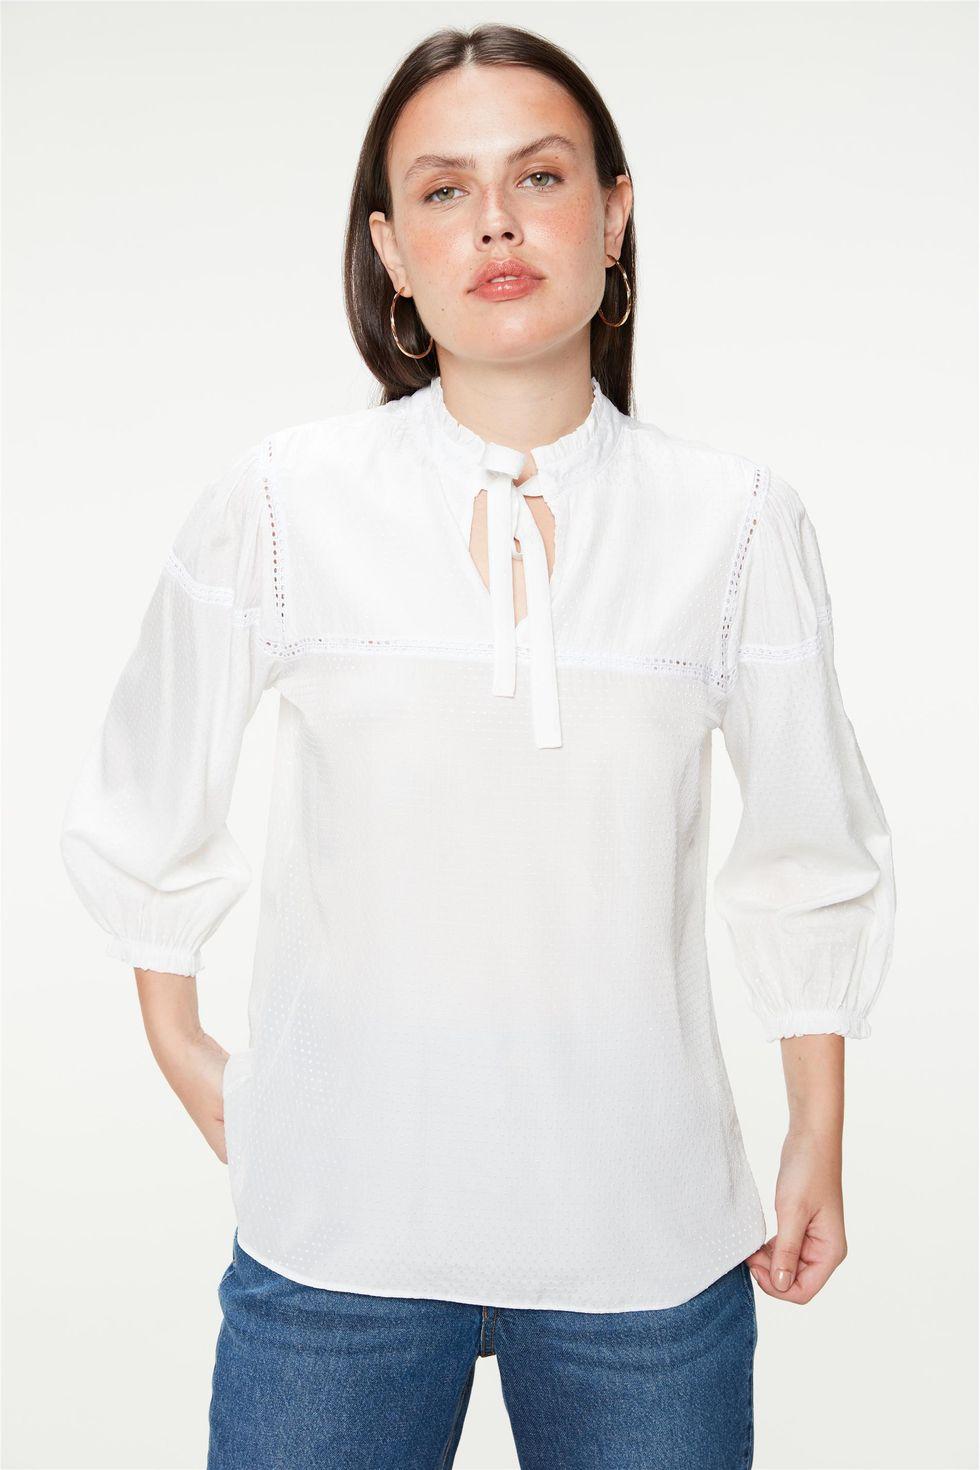 Blusa-Romantica-com-Textura-de-Poa-Frente--